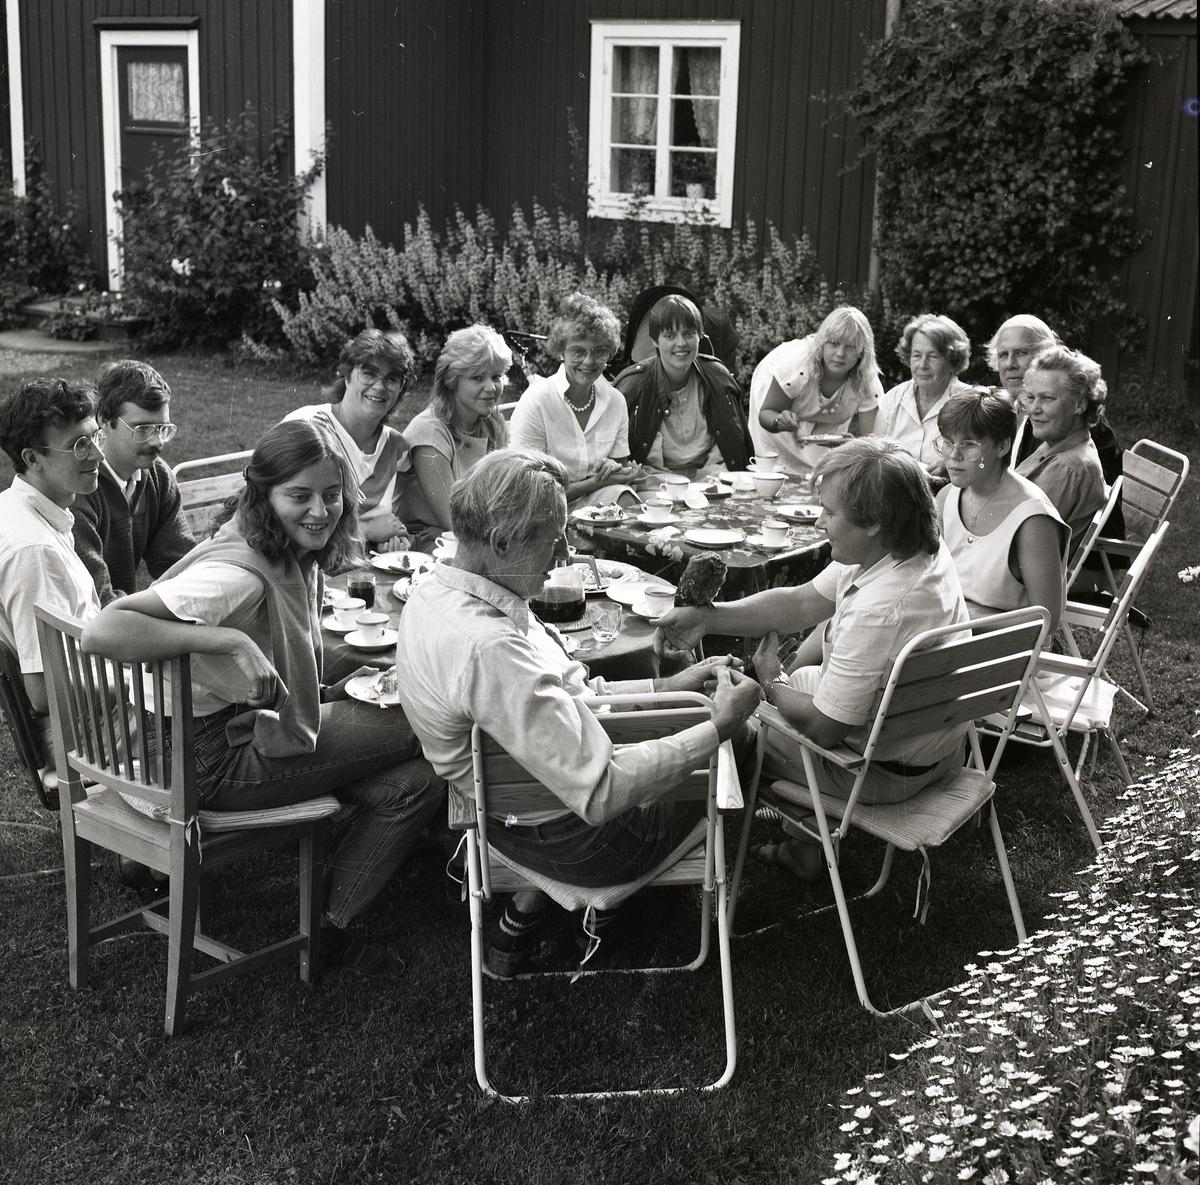 Kvinnor och män samlade runt ett kaffebord i en trädgård på Kristina-dagen 24 juli 1984.